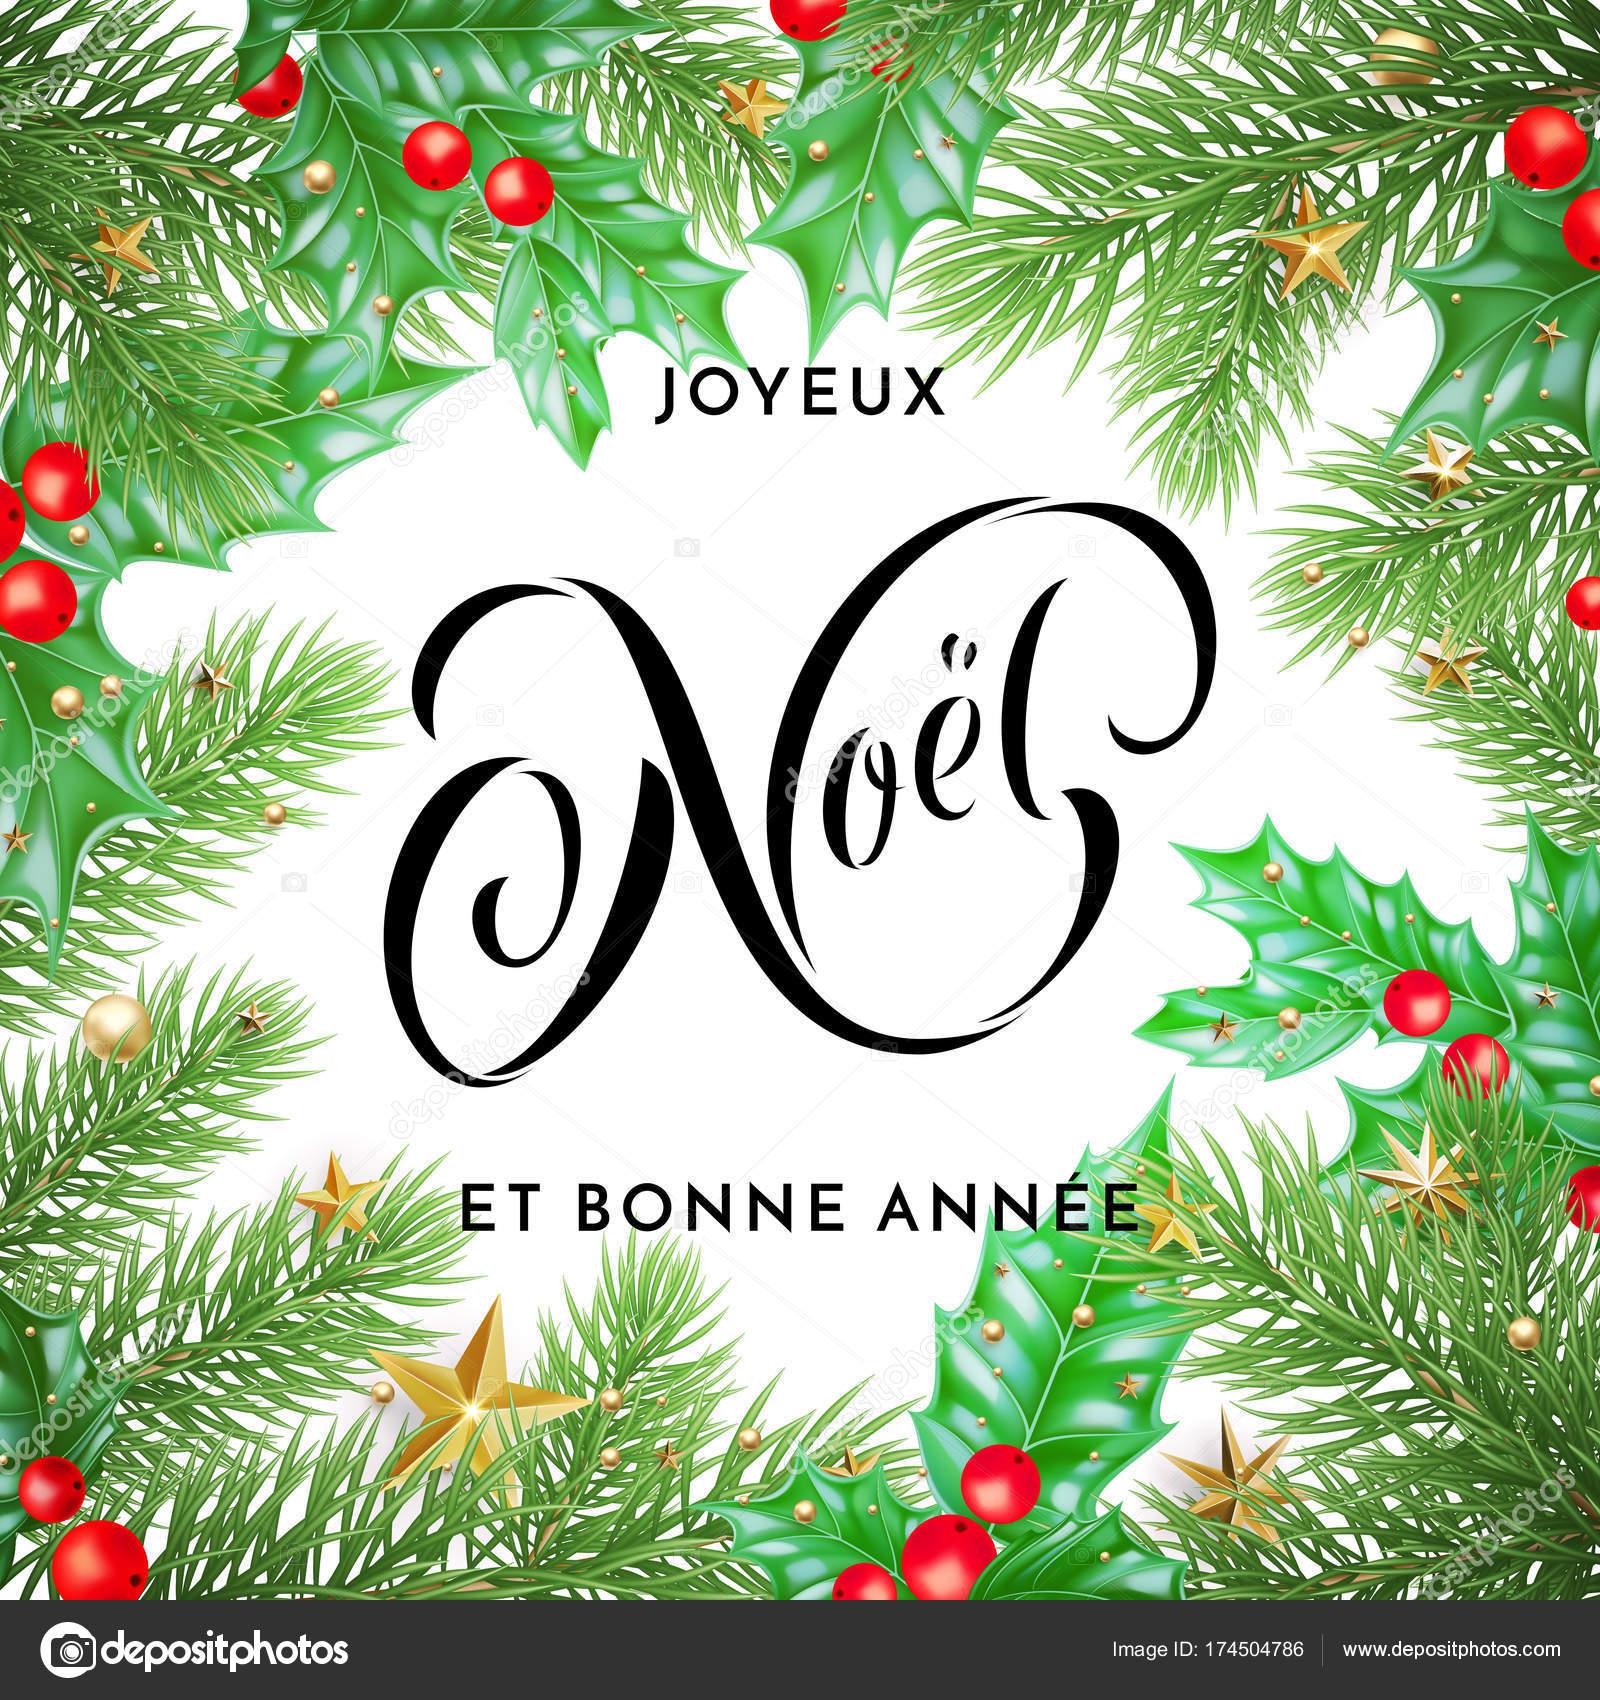 Auguri Di Buon Natale Francese.Immagini Di Bonne Noel Joyeux Noel Francese Buon Natale E